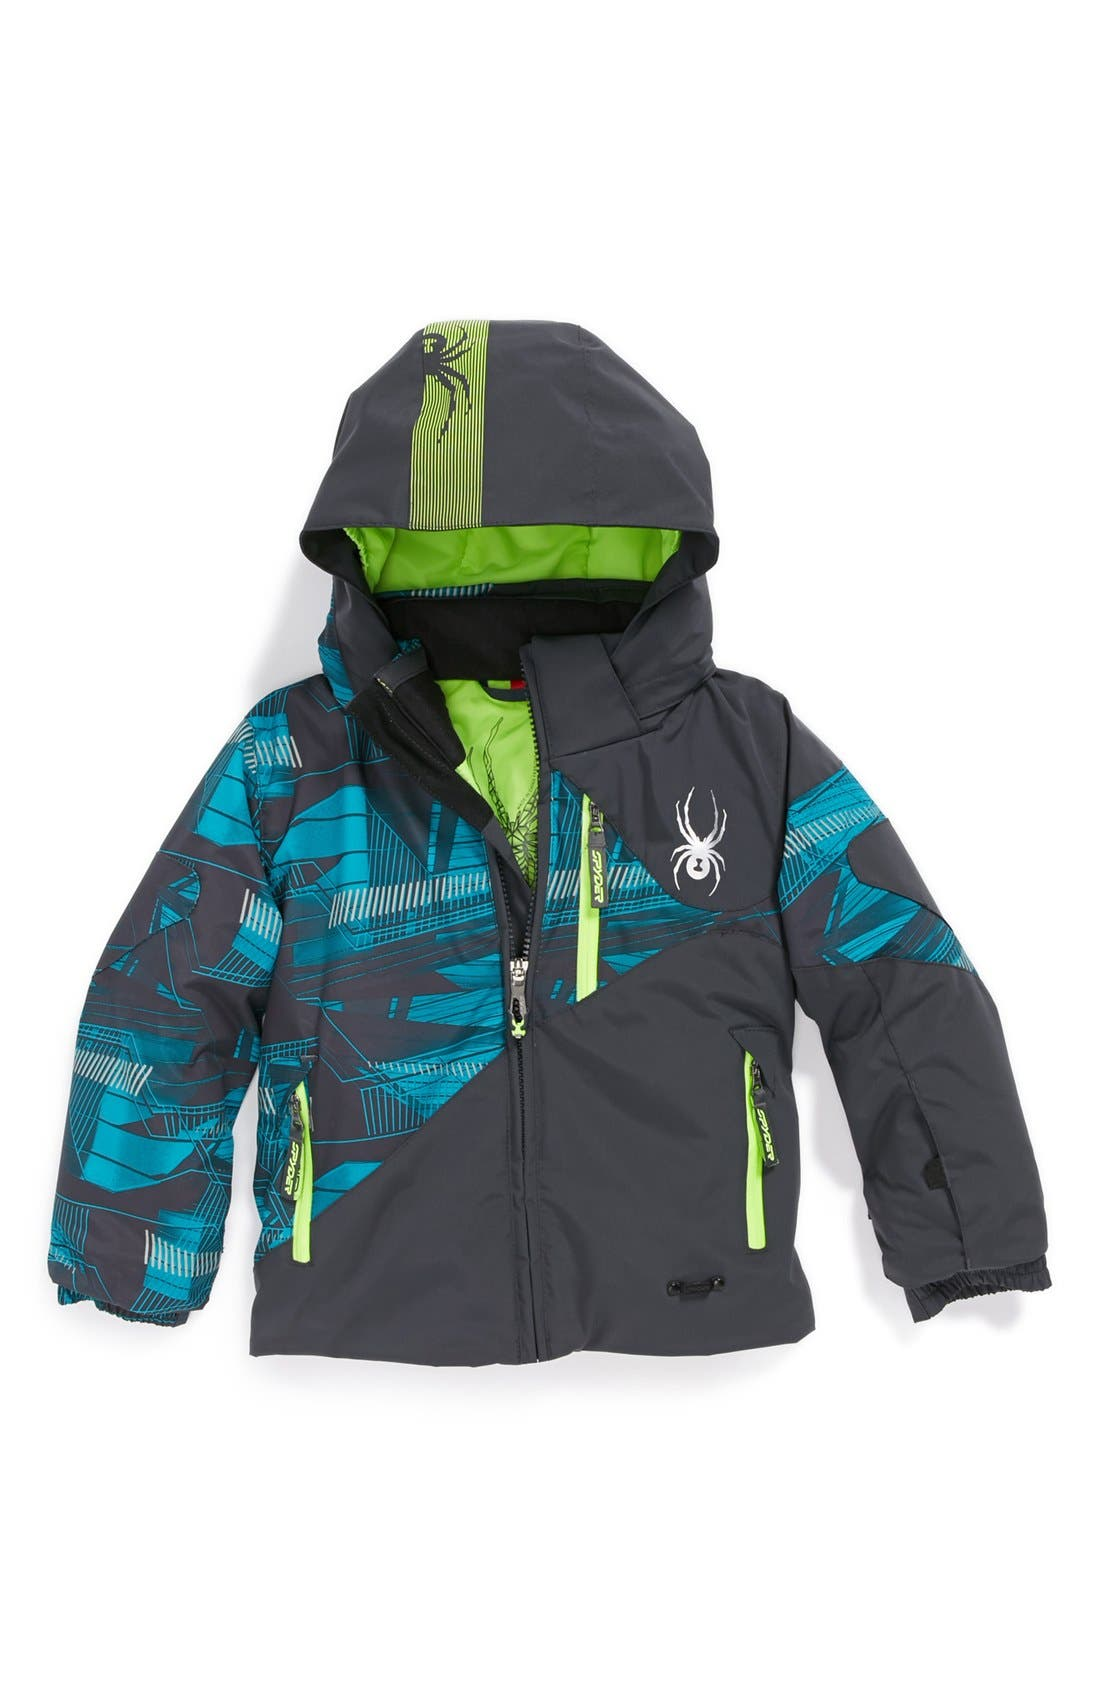 Alternate Image 1 Selected - Spyder 'Enforcer' Jacket (Toddler Boys)